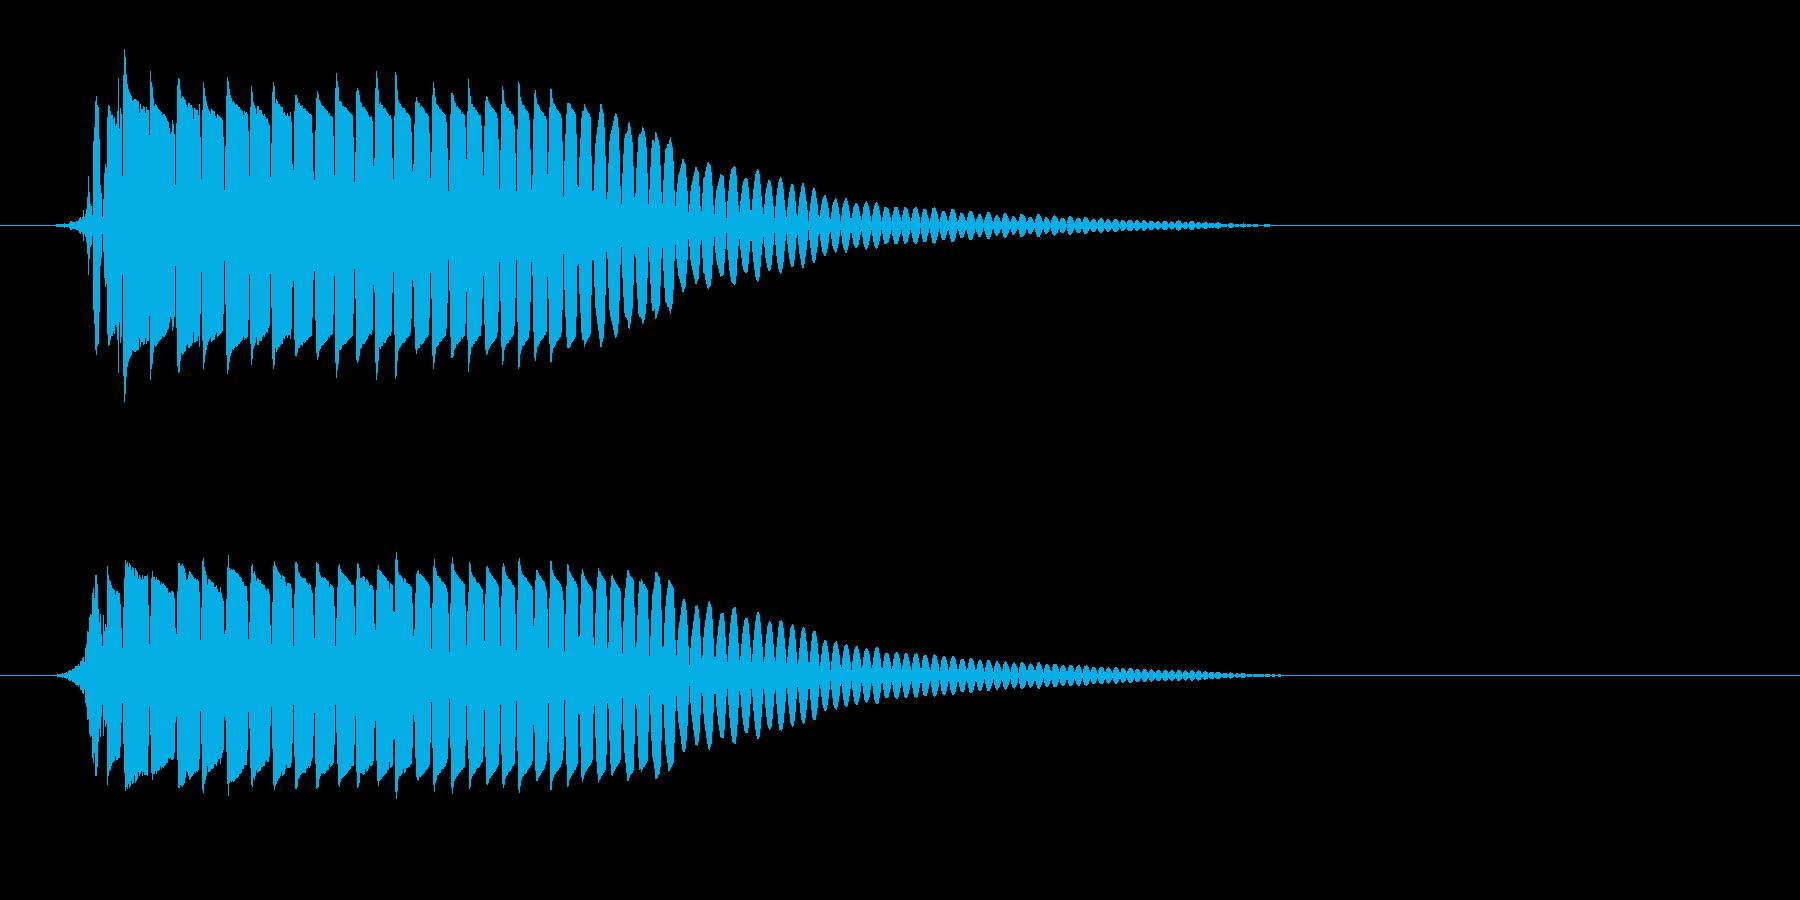 ポヨン(バウンドの音色)の再生済みの波形